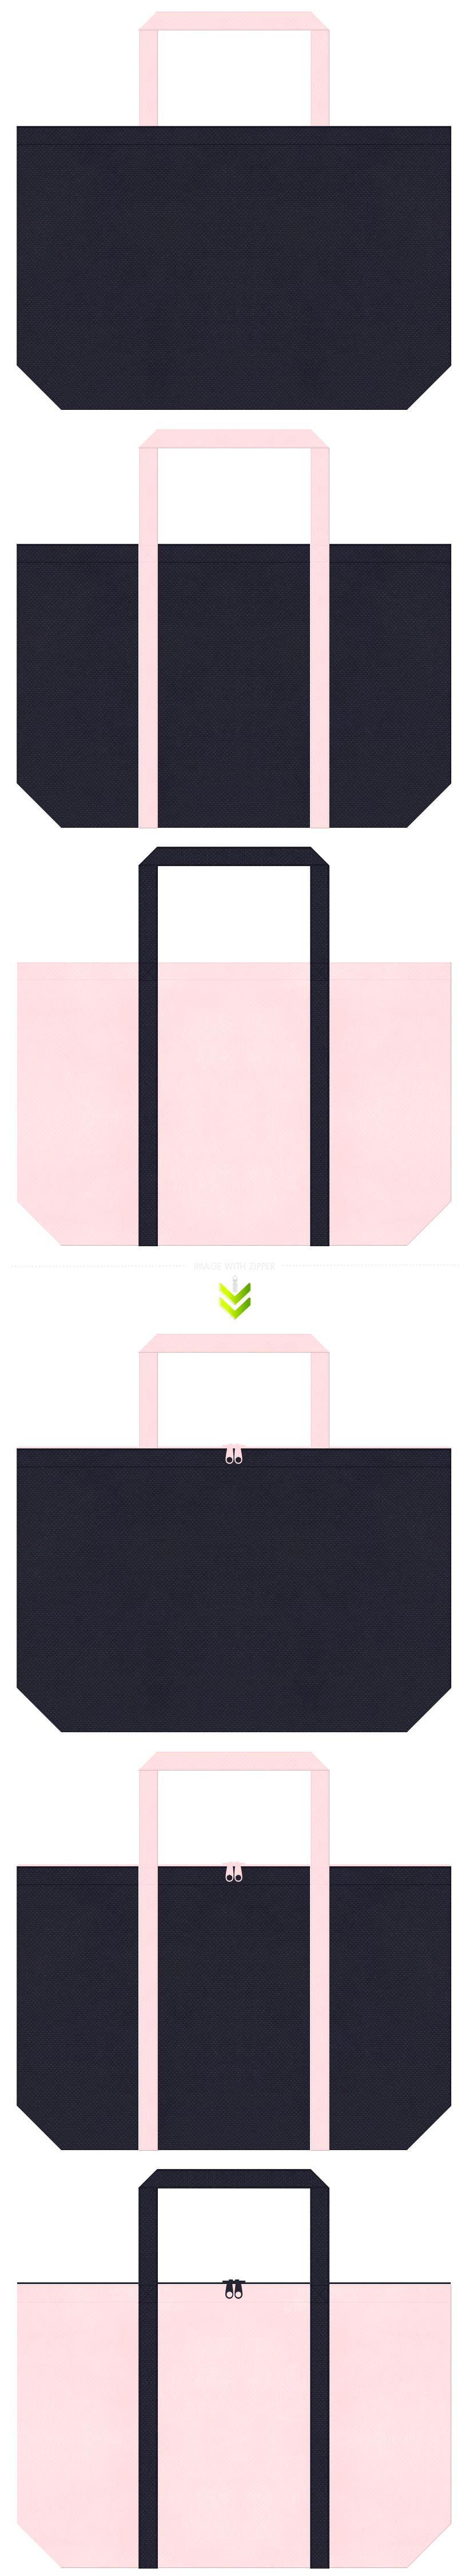 濃紺色と桜色の不織布エコバッグのデザイン。スポーティーファッションのショッピングバッグにお奨めです。